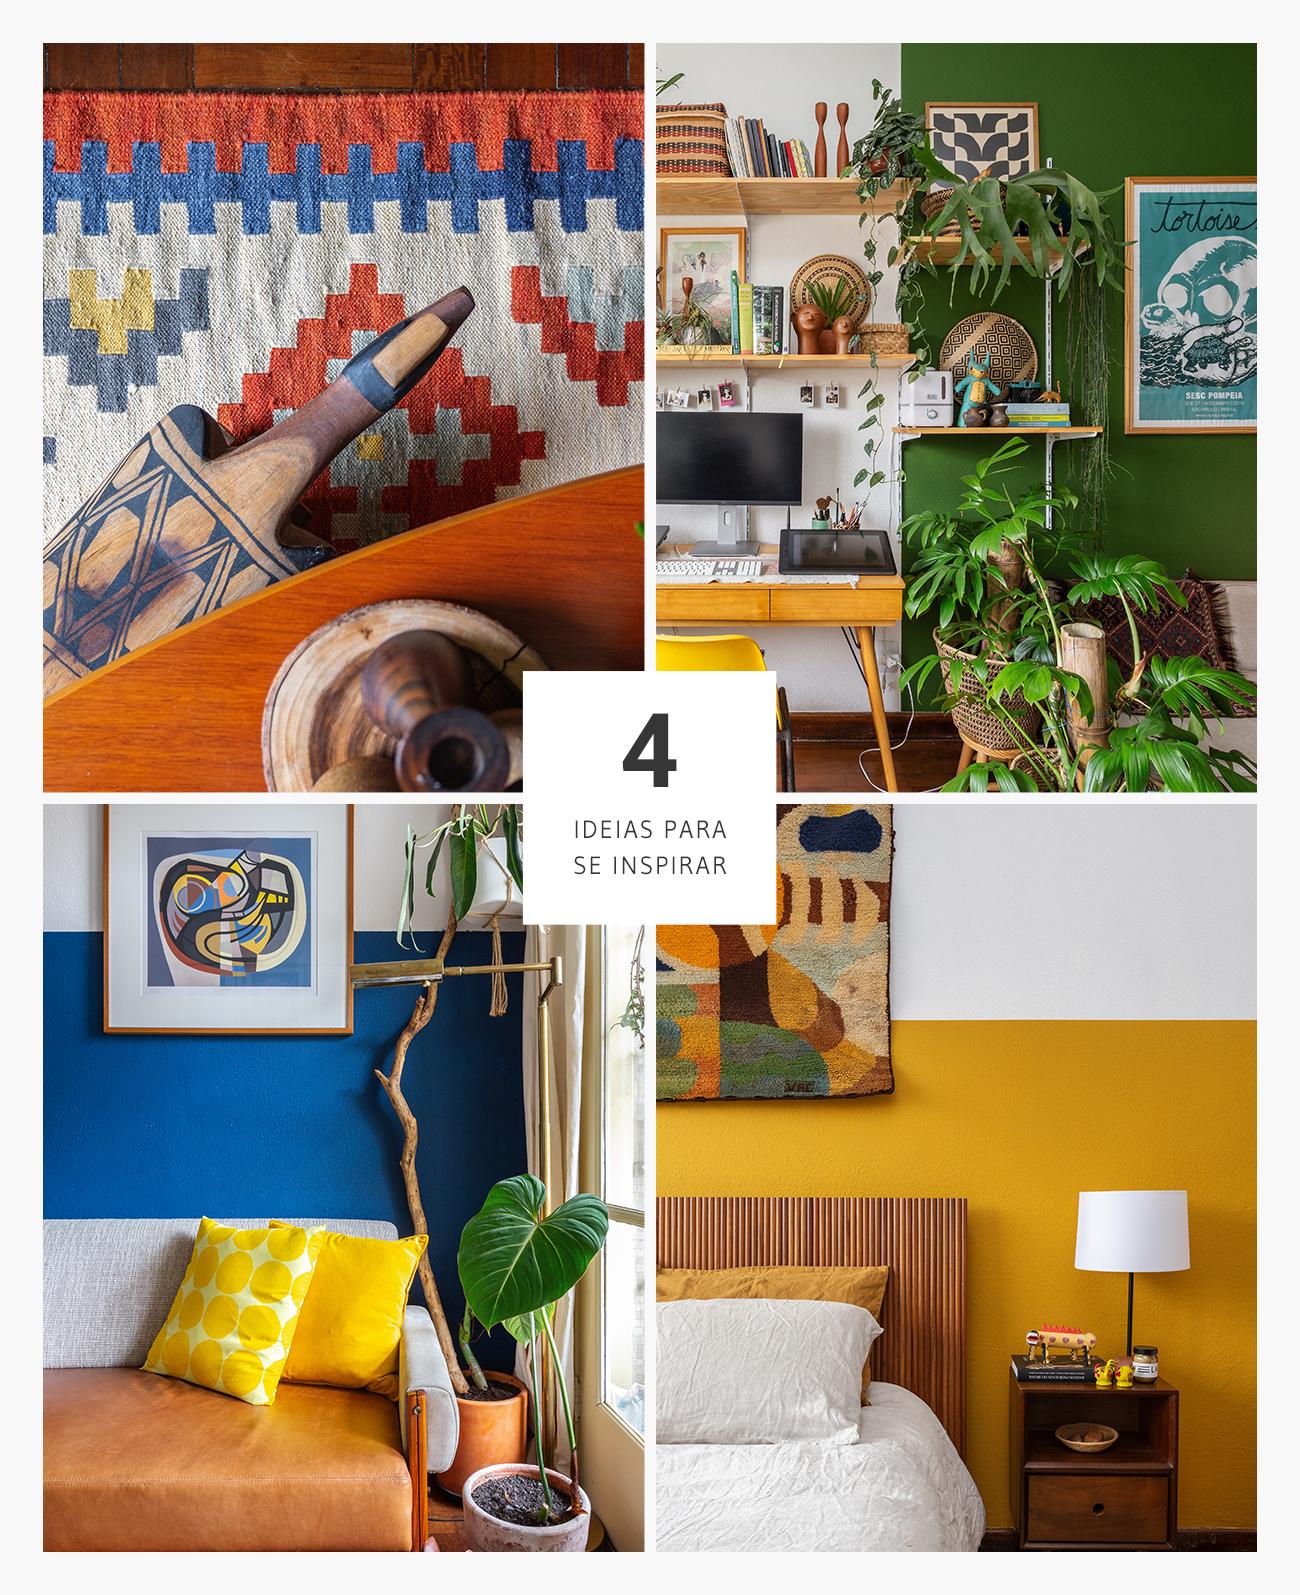 4 Boas ideias de decoração com cor